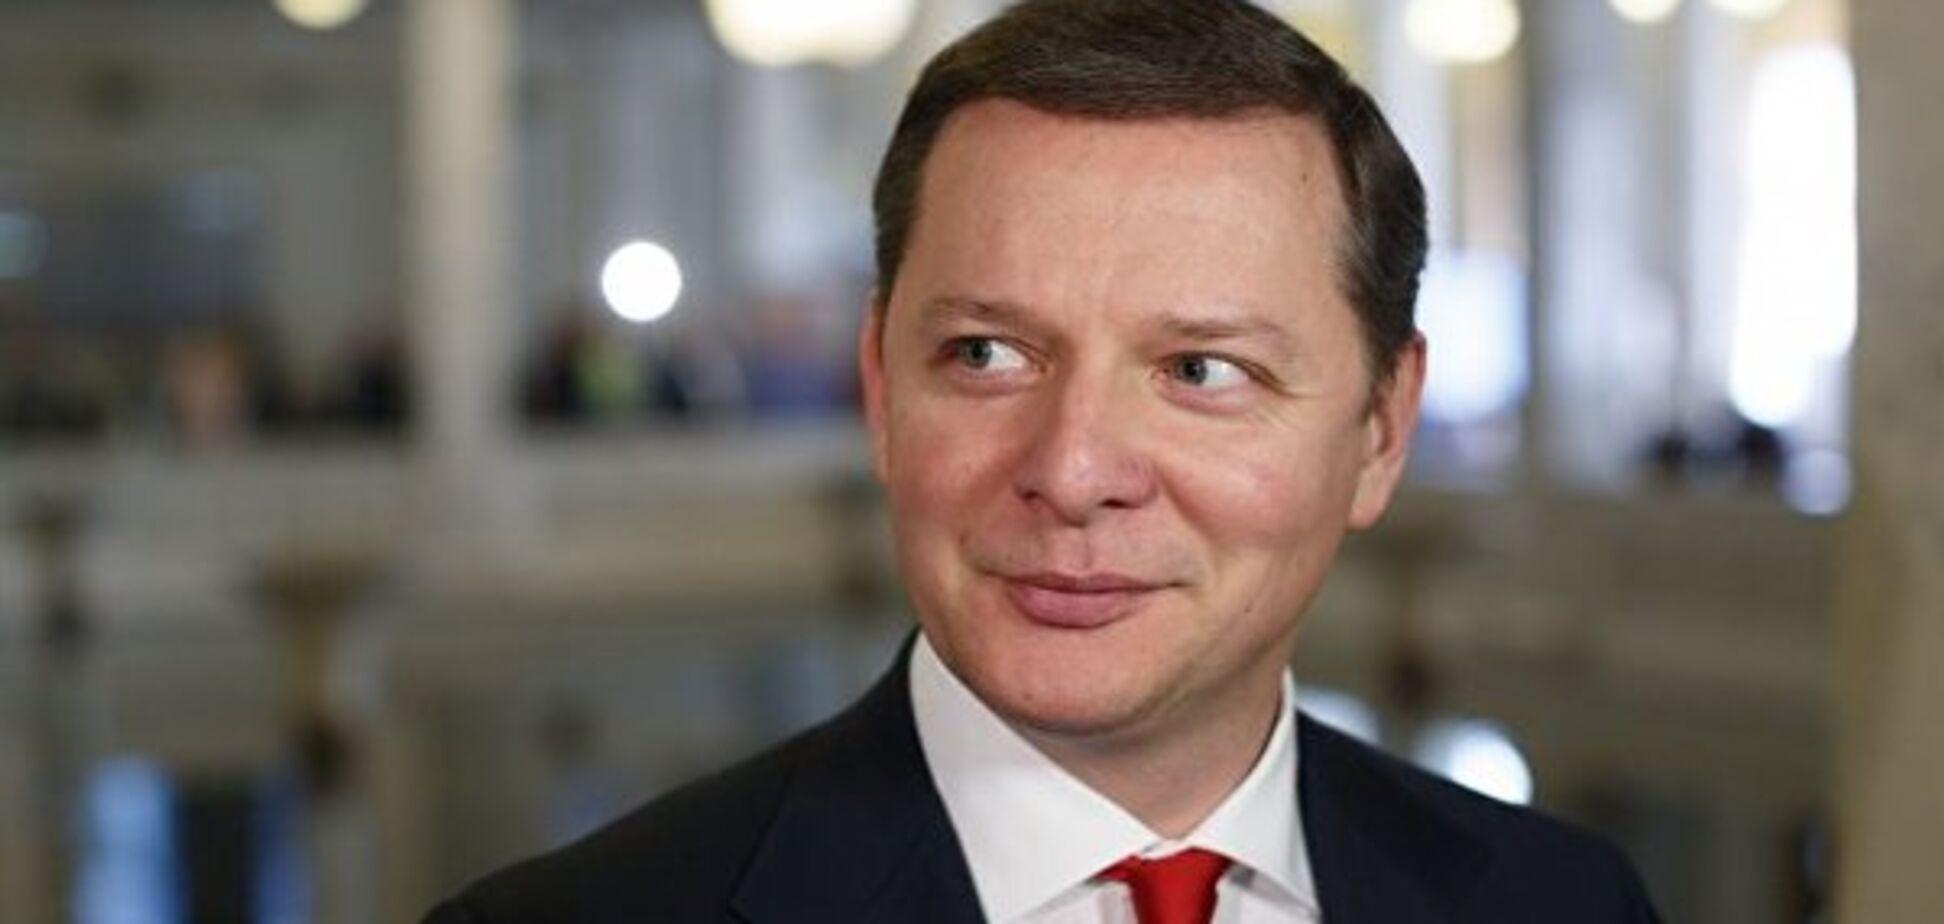 Украина станет сильным государством: Ляшко рассказал о встрече с Порошенко